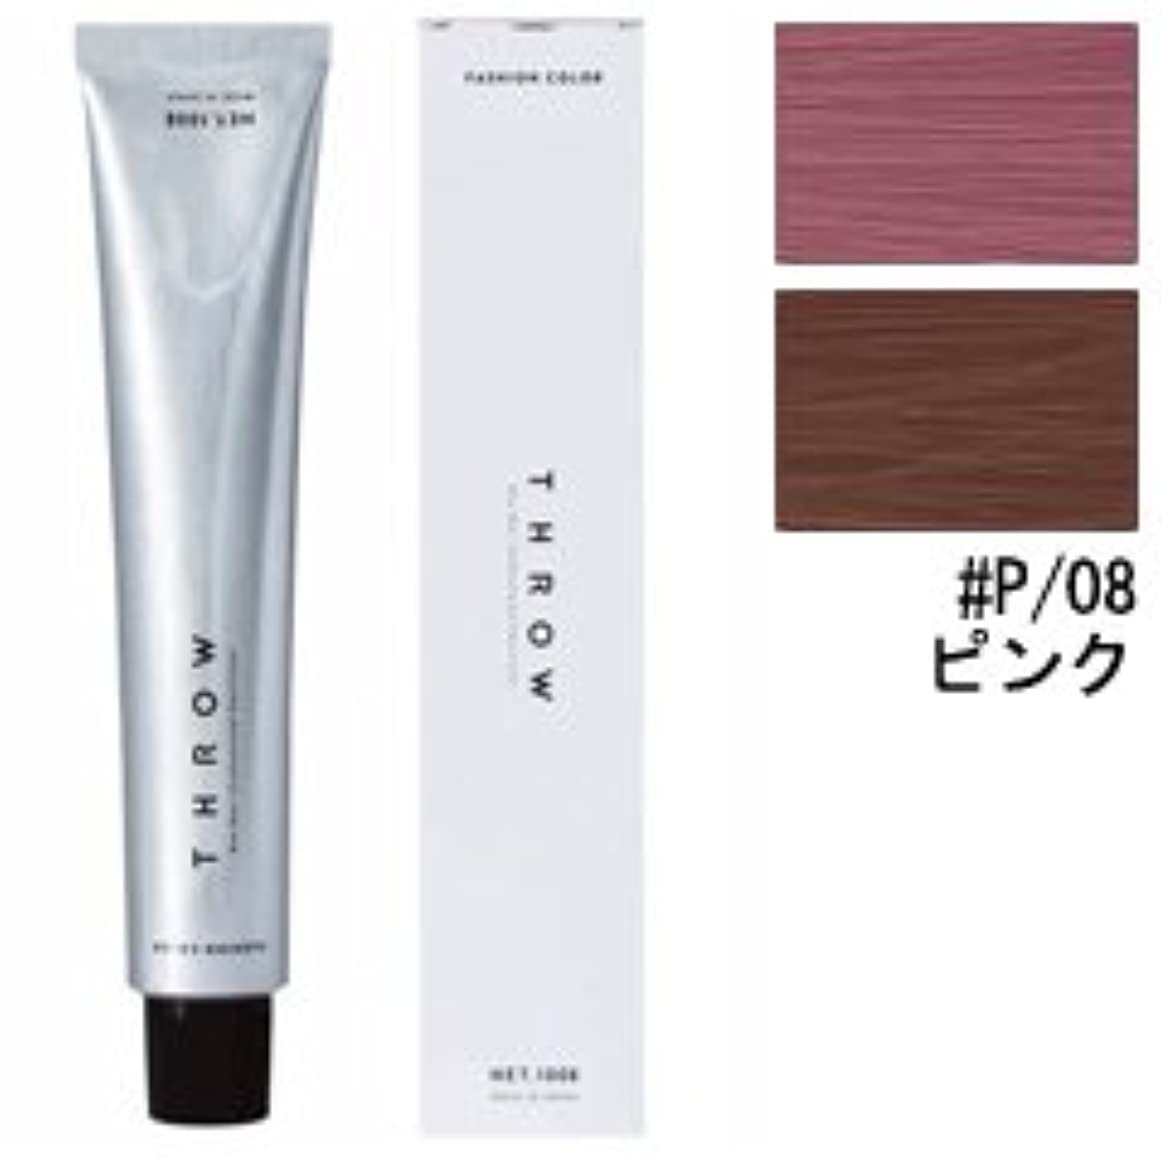 振るう洋服非アクティブ【モルトベーネ】スロウ ファッションカラー #P/08 ピンク 100g